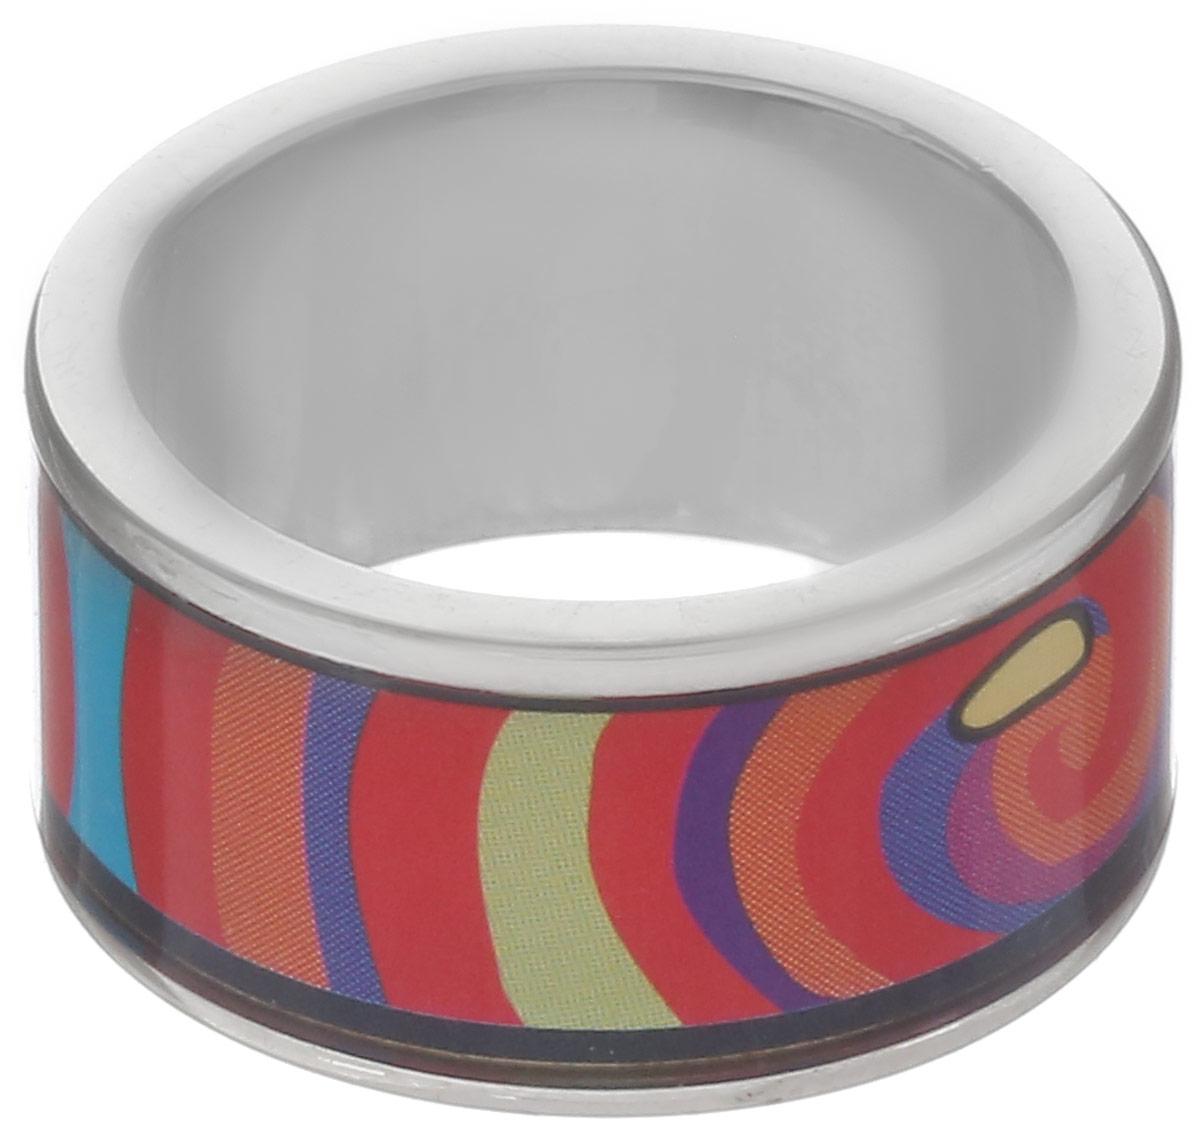 Кольцо Art-Silver, цвет: серебристый, красный, синий. ФК115-1-320. Размер 16,5ФК115-1-320Стильное кольцо Art-Silver изготовлено из бижутерного сплава. Изделие оформлено оригинальным принтом и покрыто эмалью. Стильное кольцо придаст вашему образу изюминку и подчеркнет индивидуальность.